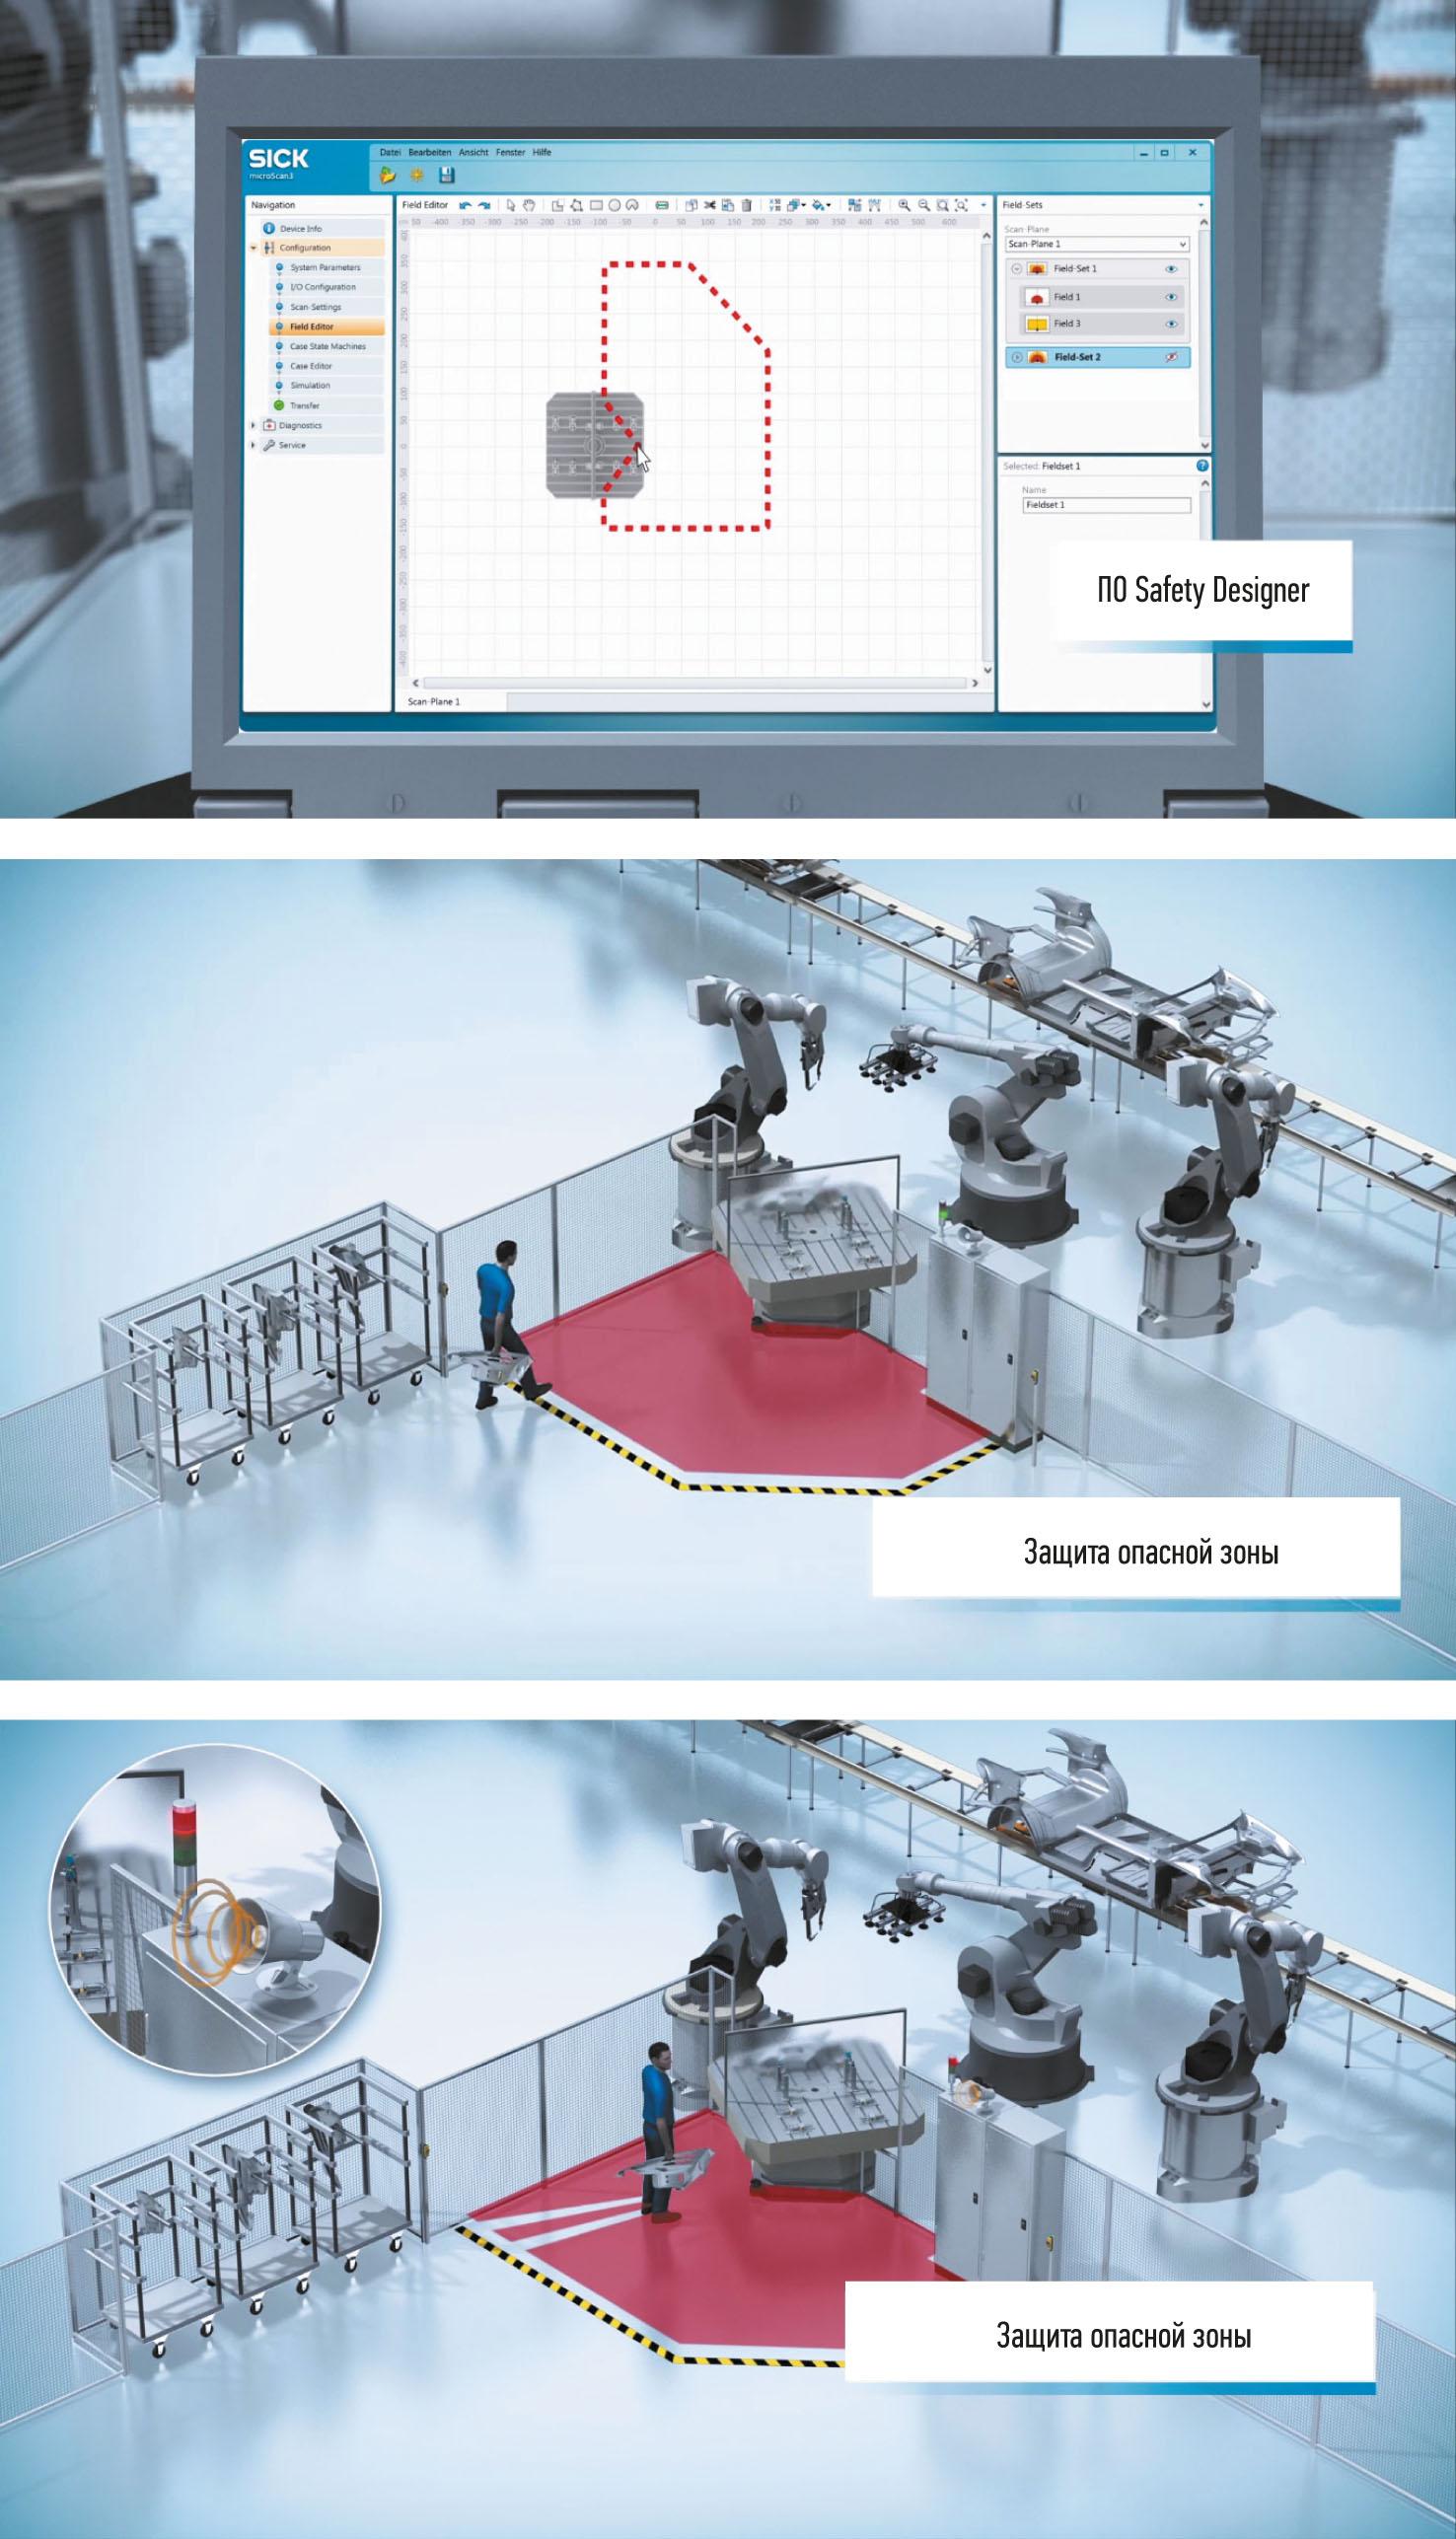 Рис. 4. Создание зоны безопасности для сканера семейства microScan3 Core: а) проектирование с использованием ПО Safety Designer; б) приближение вплотную к зоне безопасности, сигнал об опасности не подается; в) срабатывание сигнализации о входе в запрограммированную защитную зону непосредственно на объекте, результат – опасное движение (поворот стола) остановлено